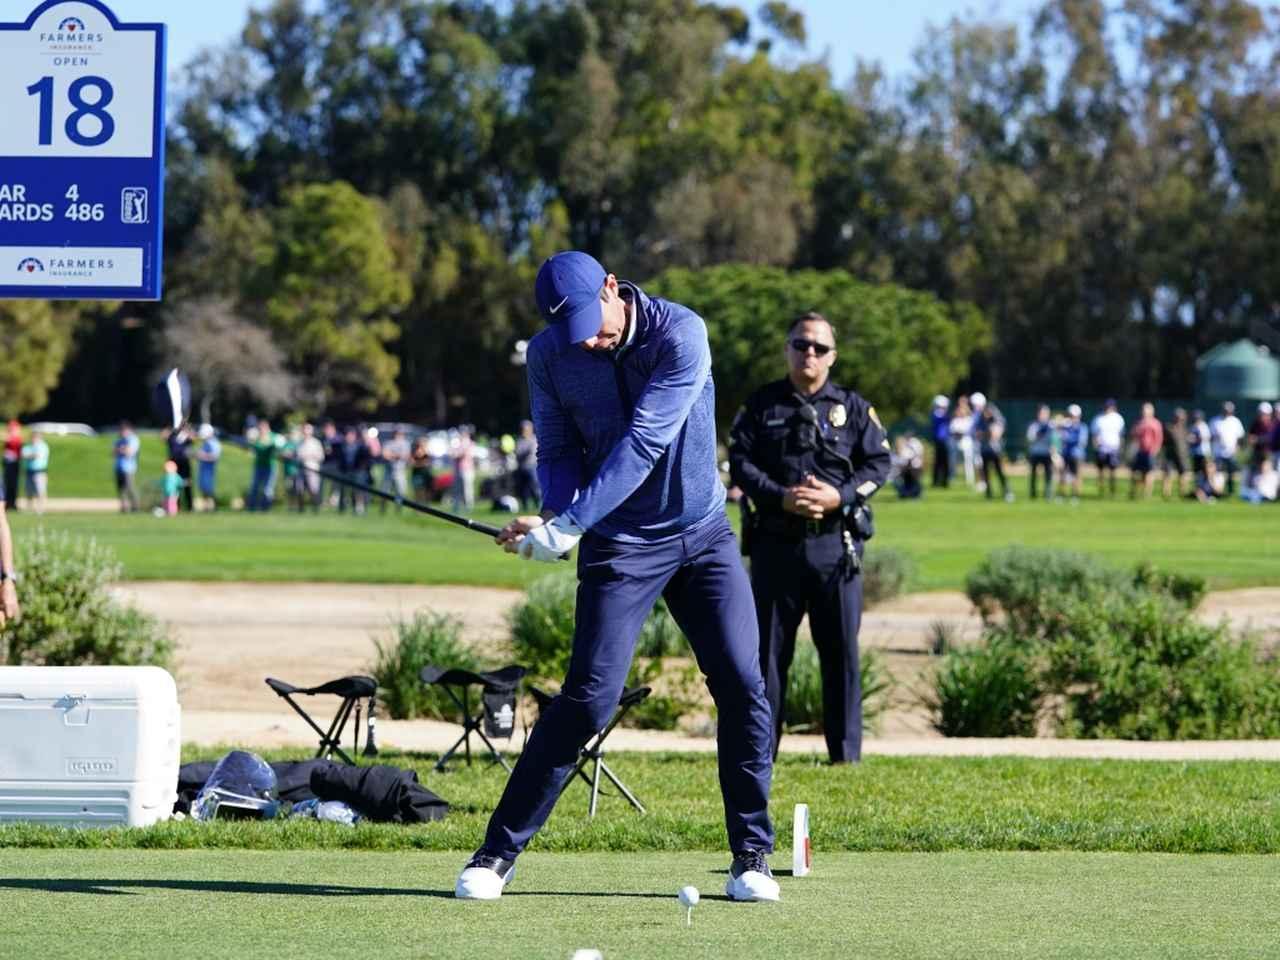 画像40: 【ギア研究】PGAツアートップ選手のレプリカドライバーを組んで打った。「運命のシャフトとヘッド」見つけ方